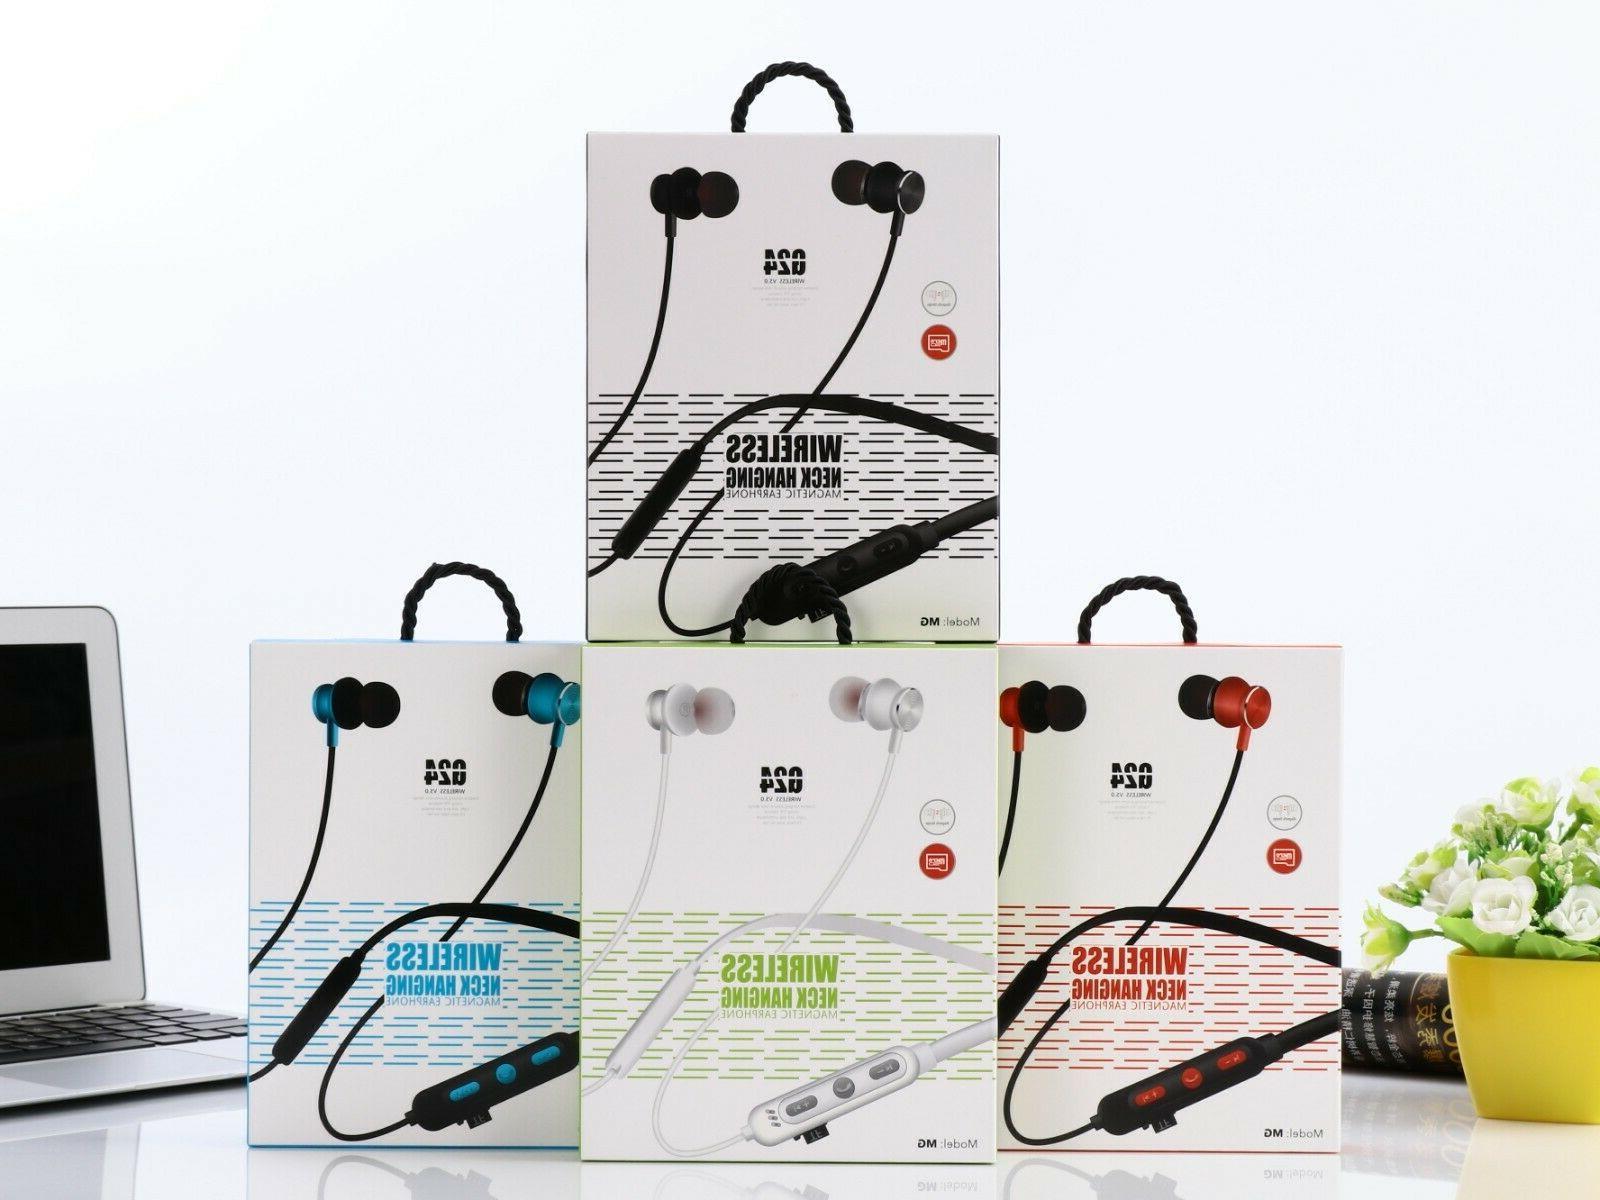 Bluetooth Neckband Wireless In-Ear Earphones